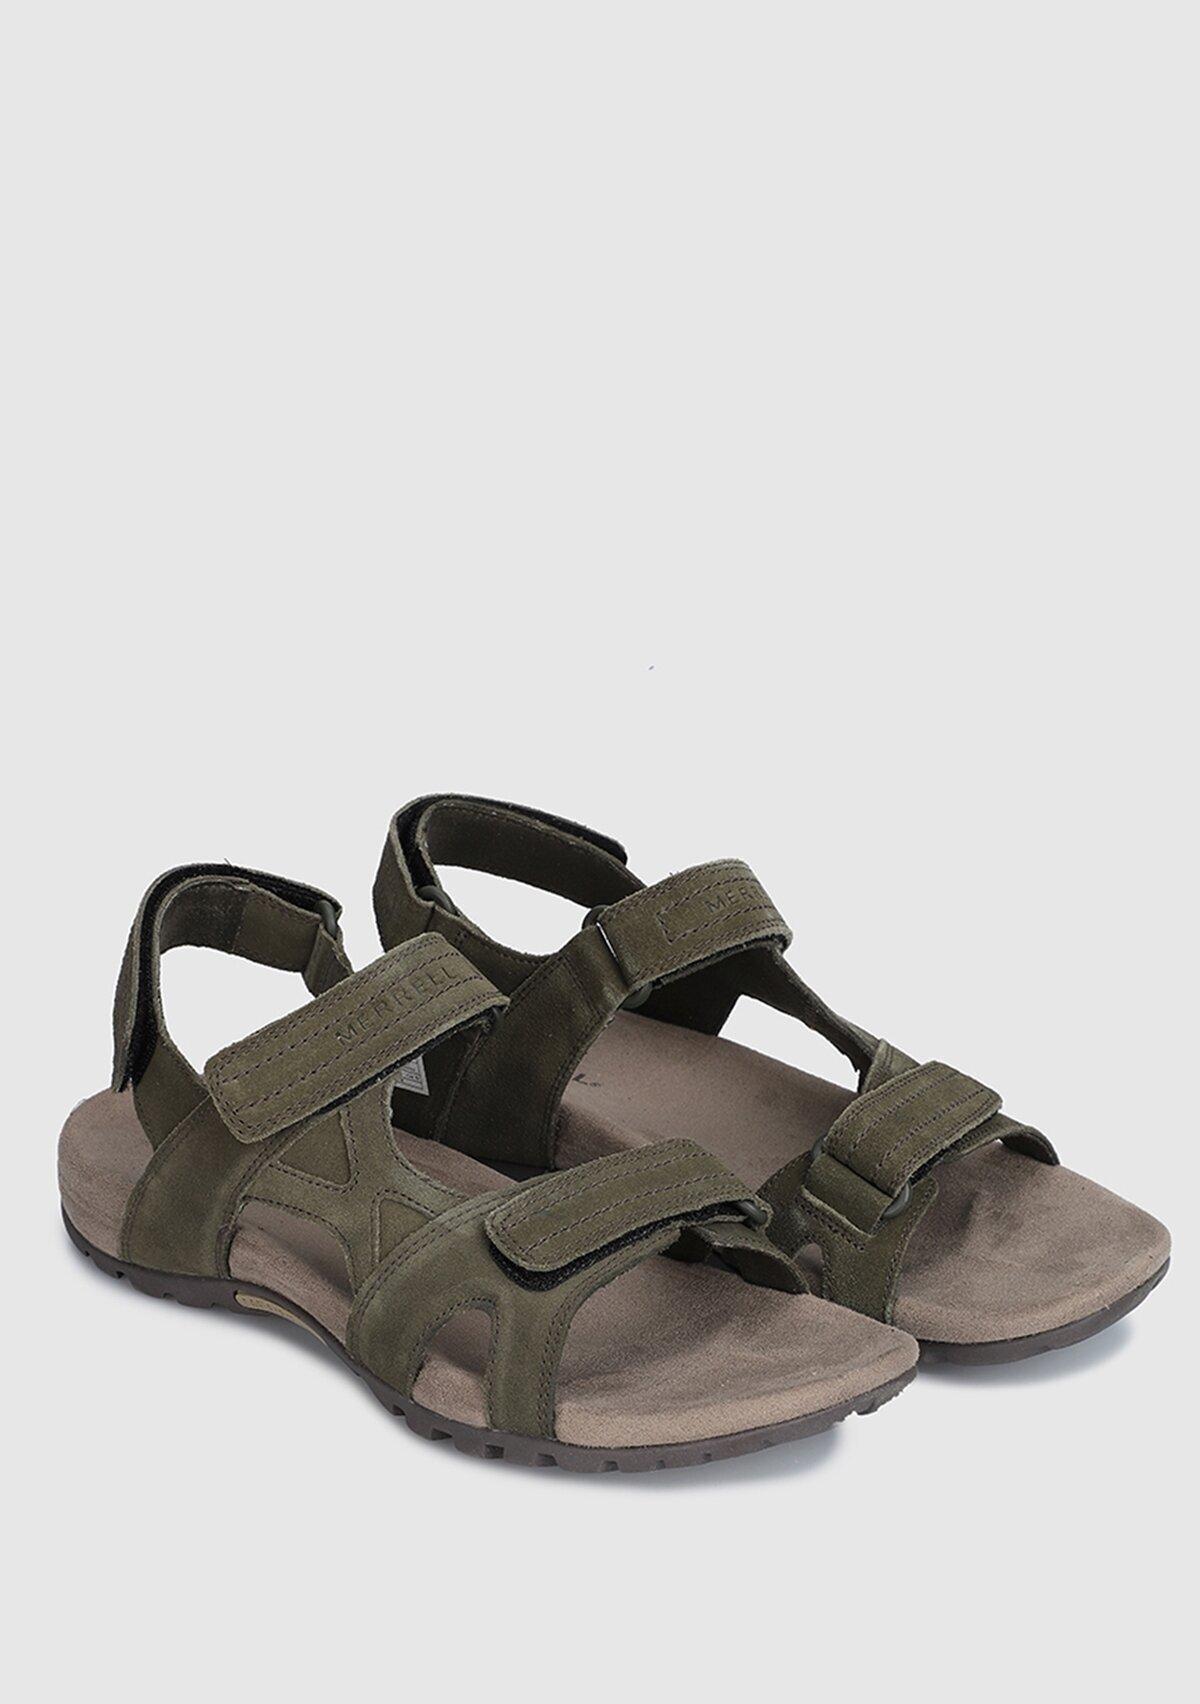 resm Sandspur Rıft Strap Haki Erkek Outdoor Ayakkabı J62493